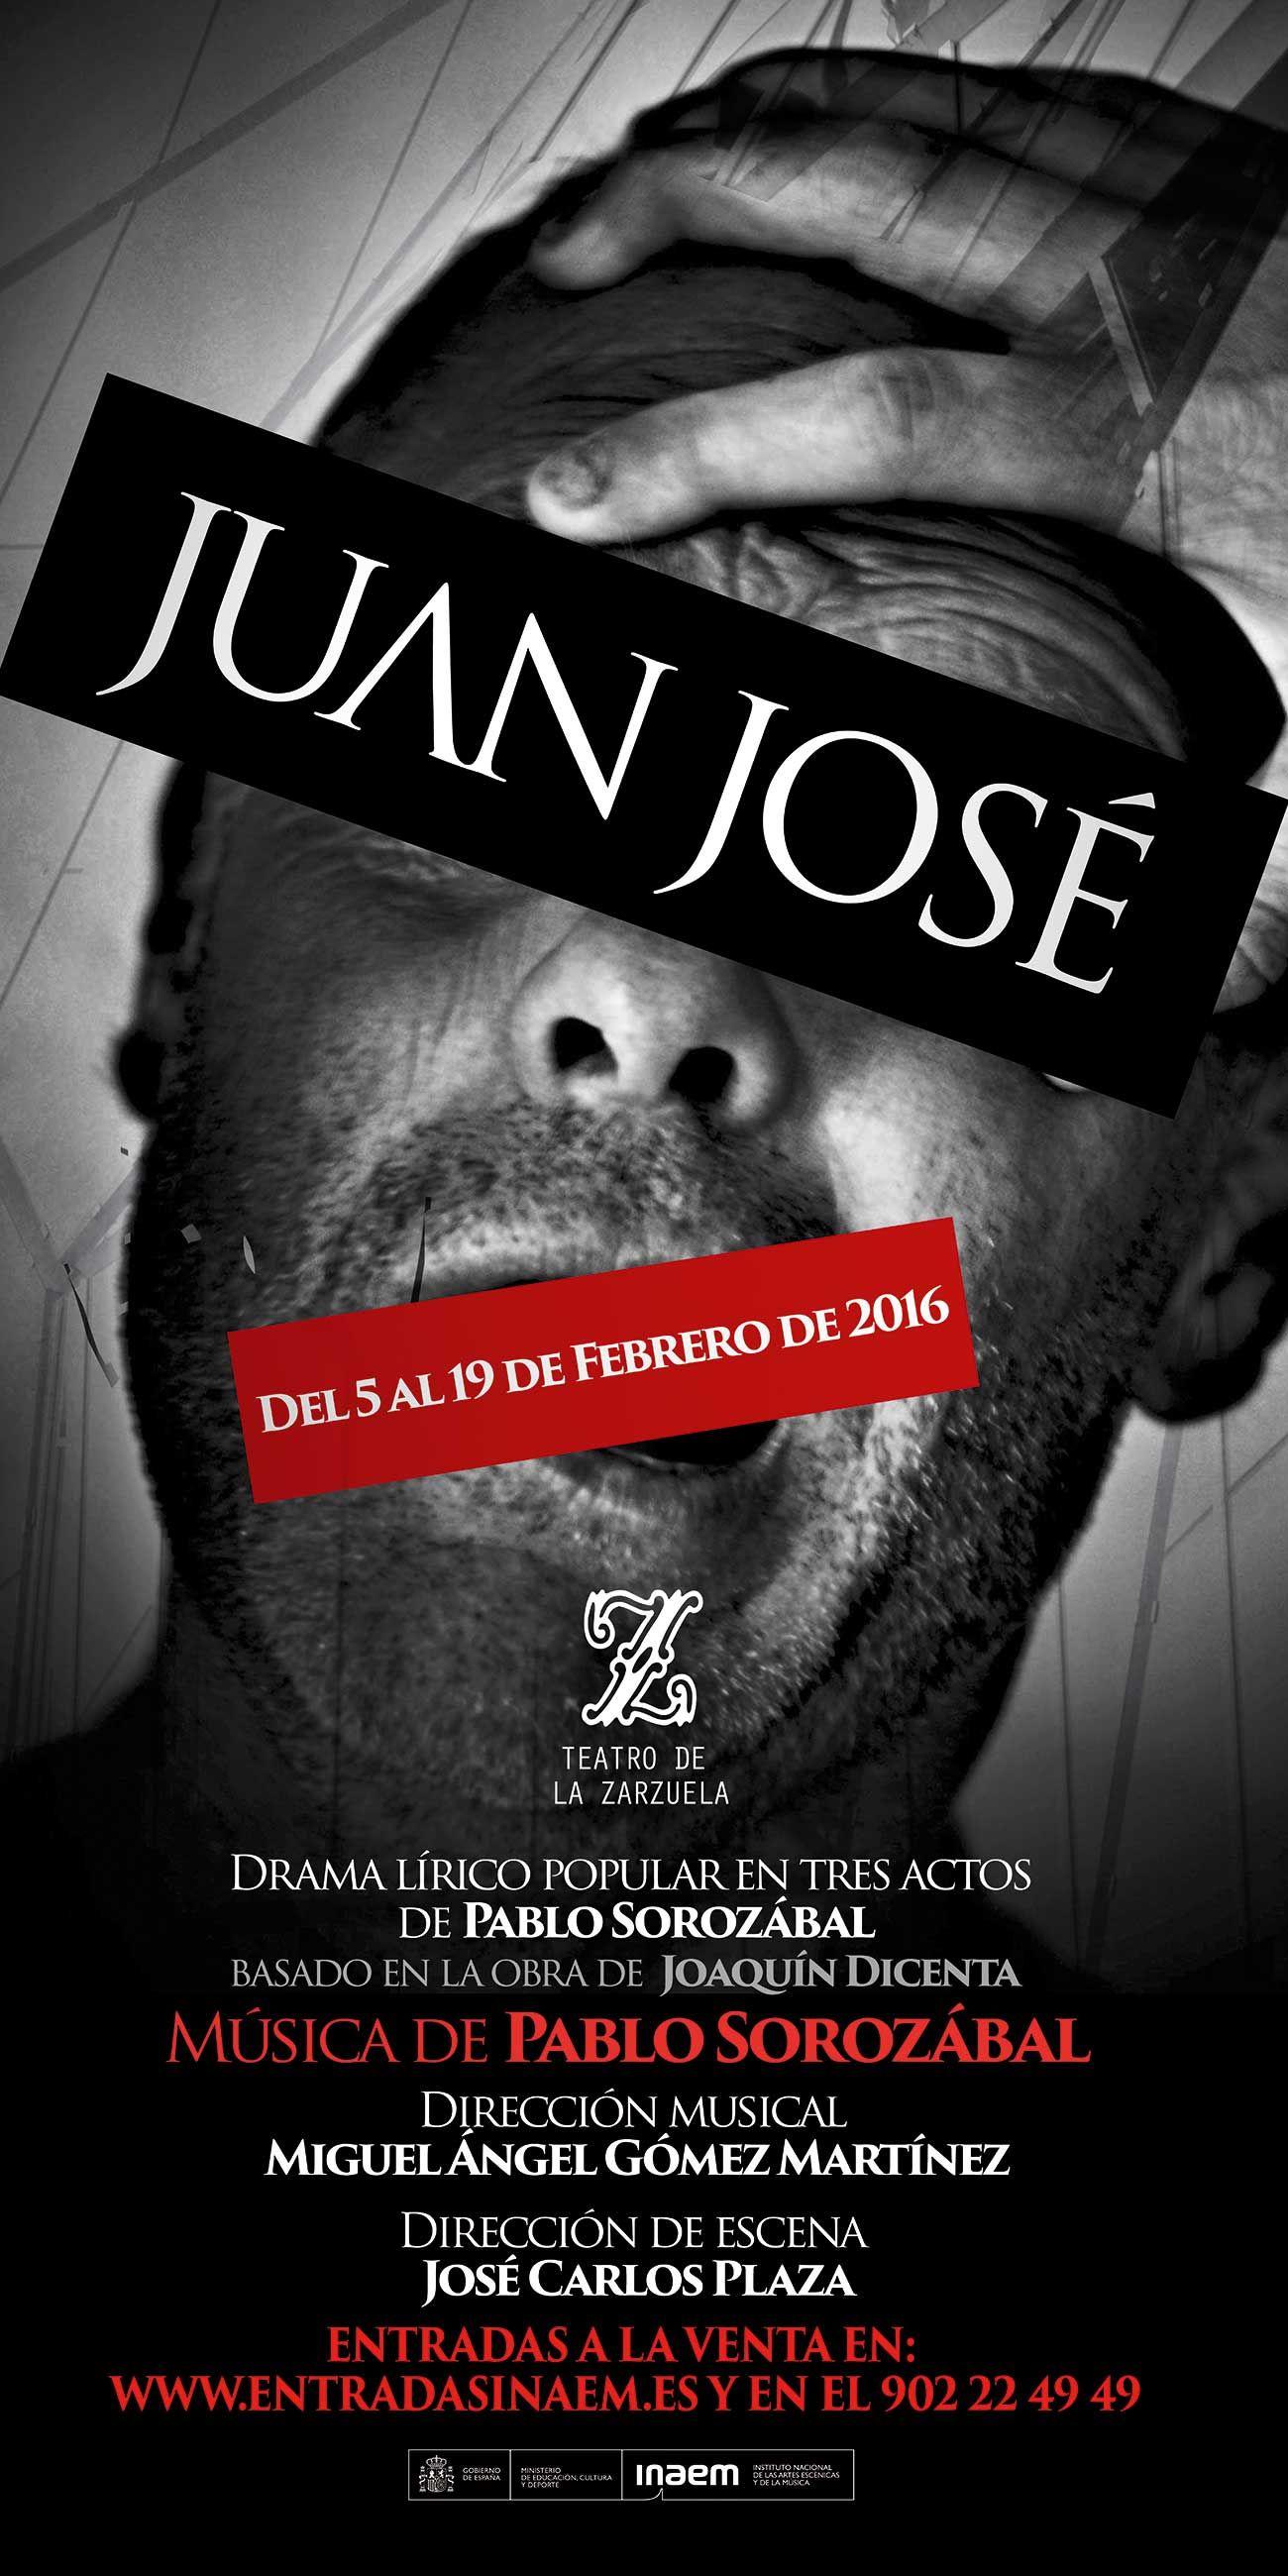 """Campaña de publicidad en quioscos de la obra de teatro """"Juan José ..."""